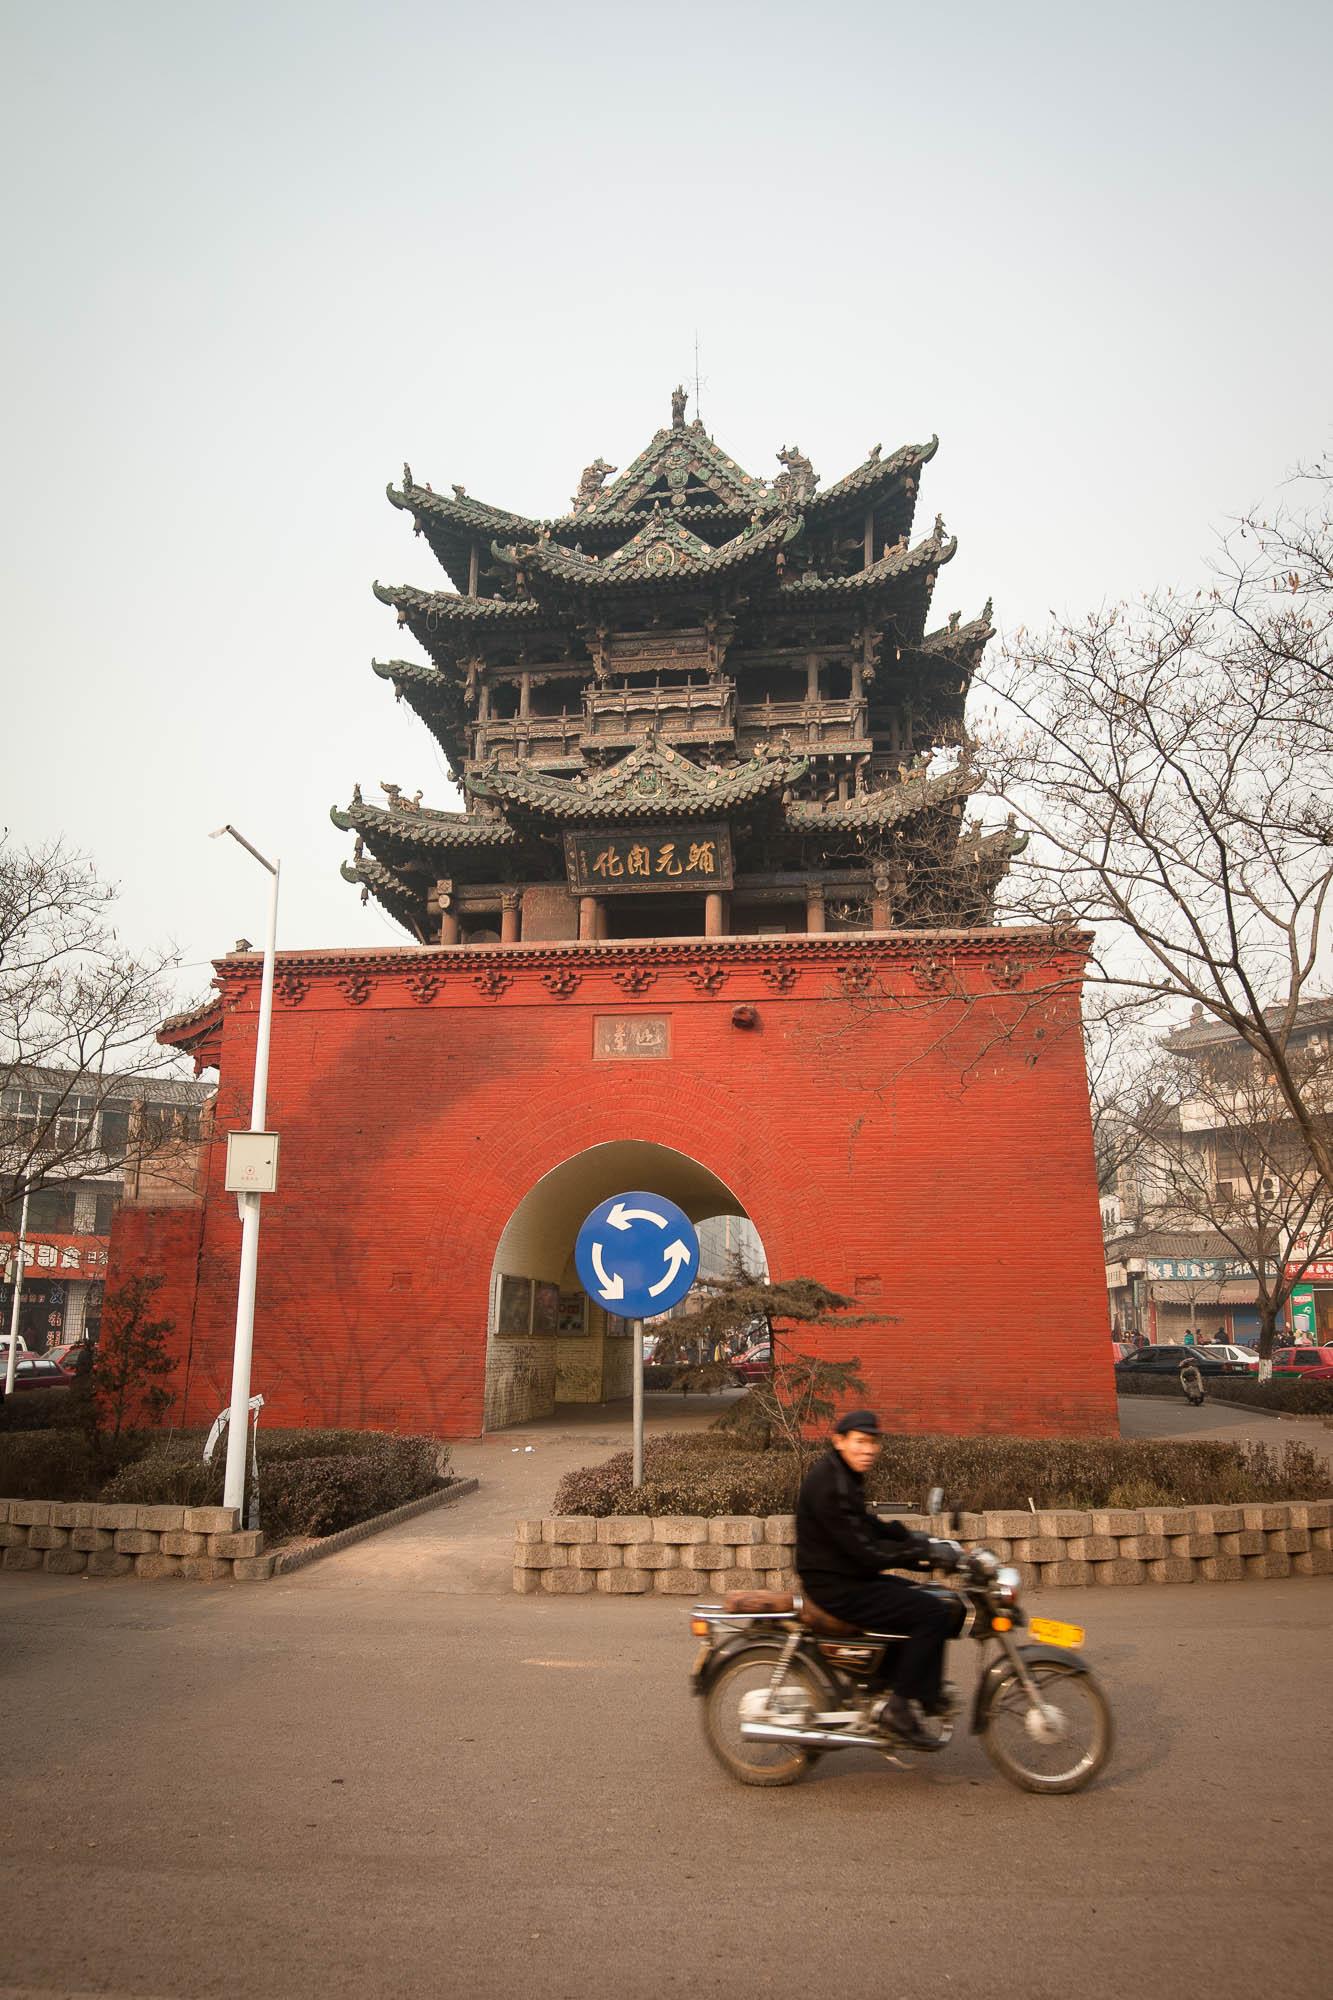 drum tower of Huozhou